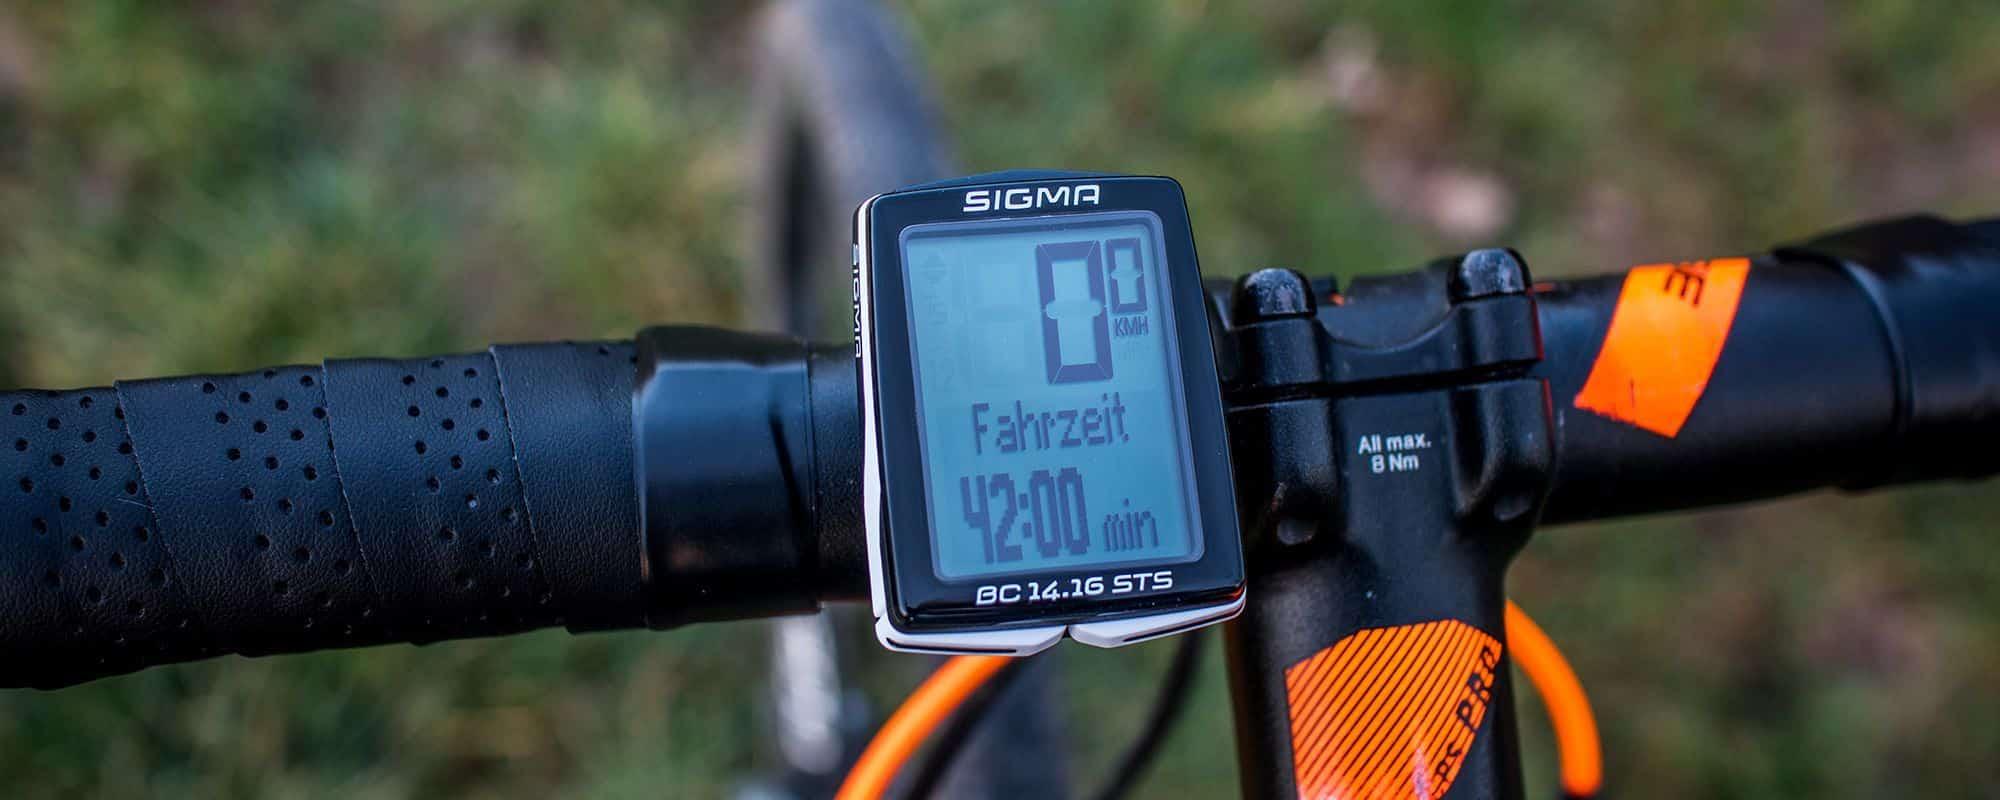 Sigma BC 14.16 STS Test & Erfahrung – Der richtige Fahrradcomputer für dich?